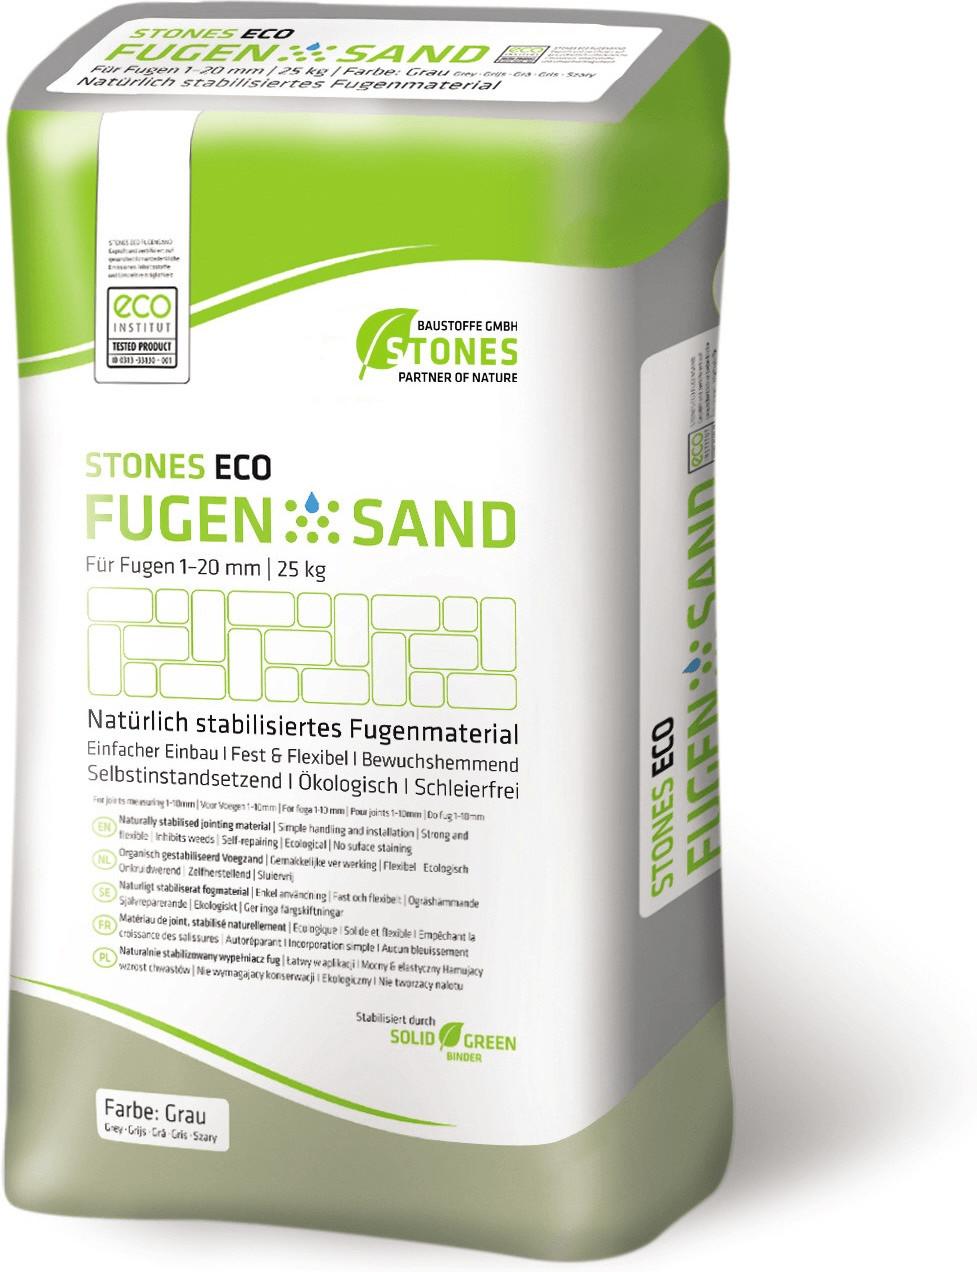 Stones Eco Fugensand 1-20mm 25kg grau